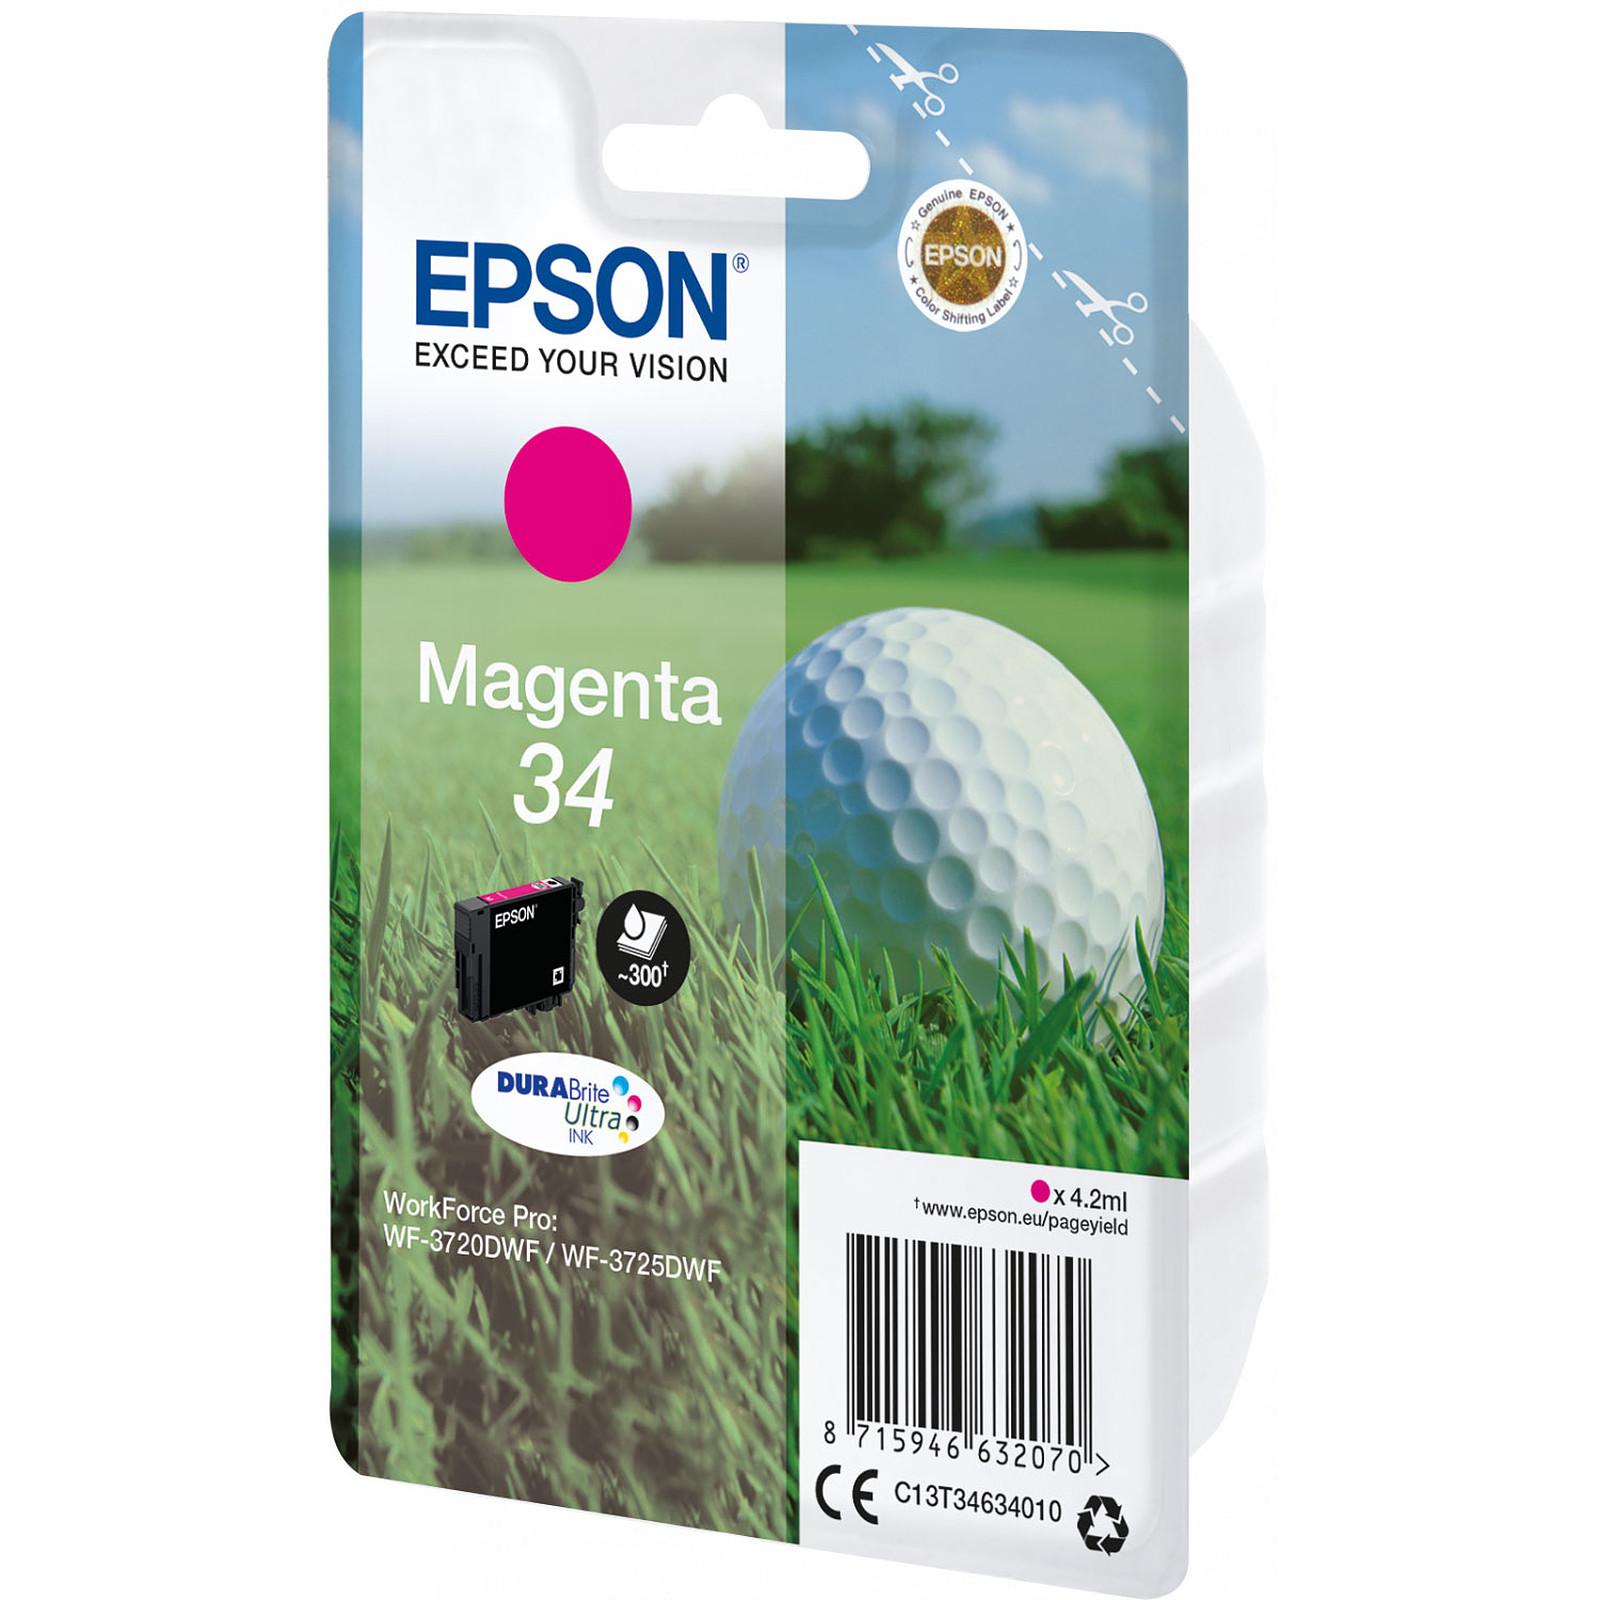 Epson Balle de Golf Magenta 34